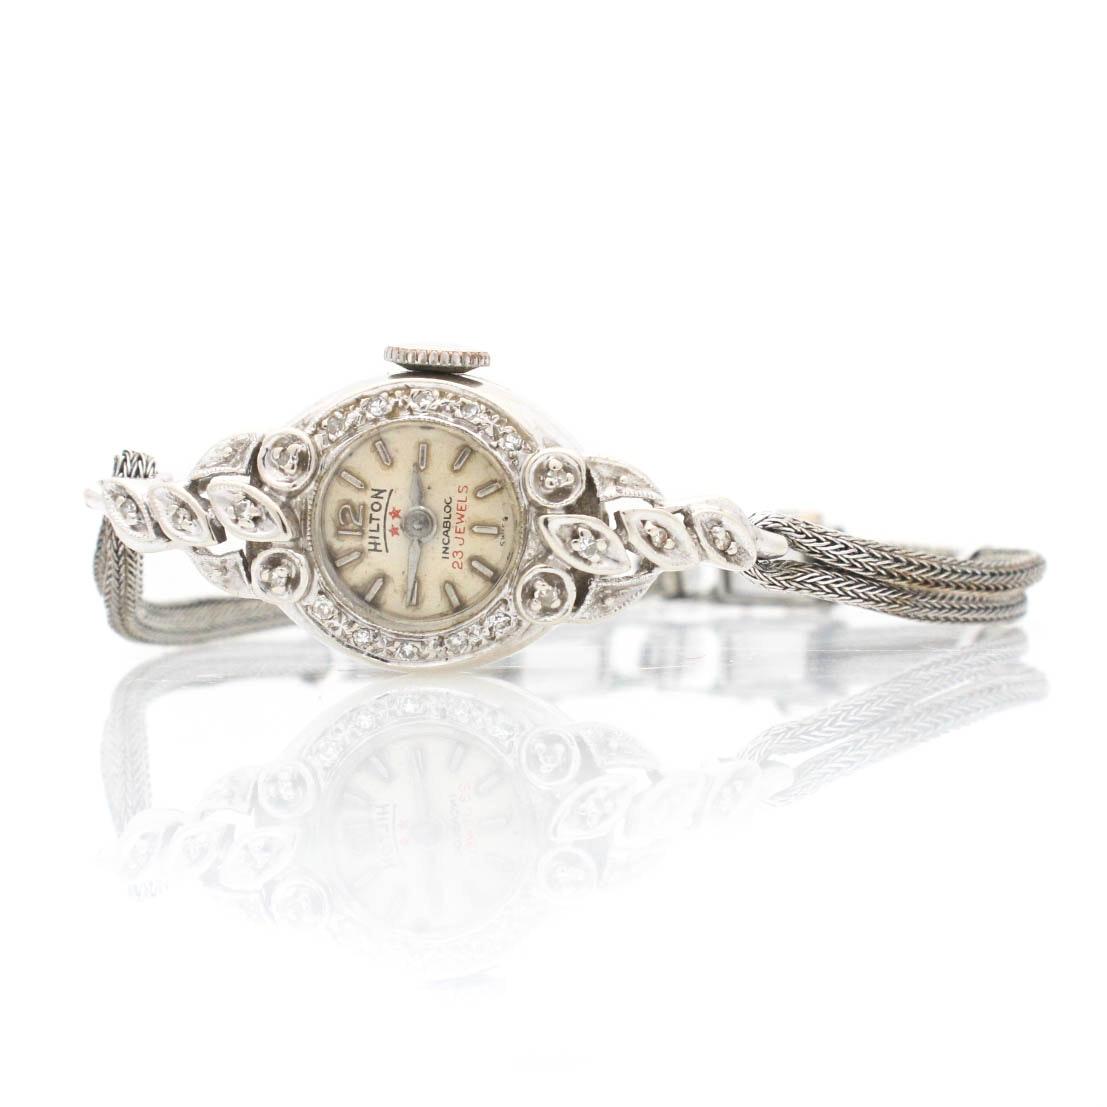 14K White Gold Diamond Hilton Wristwatch